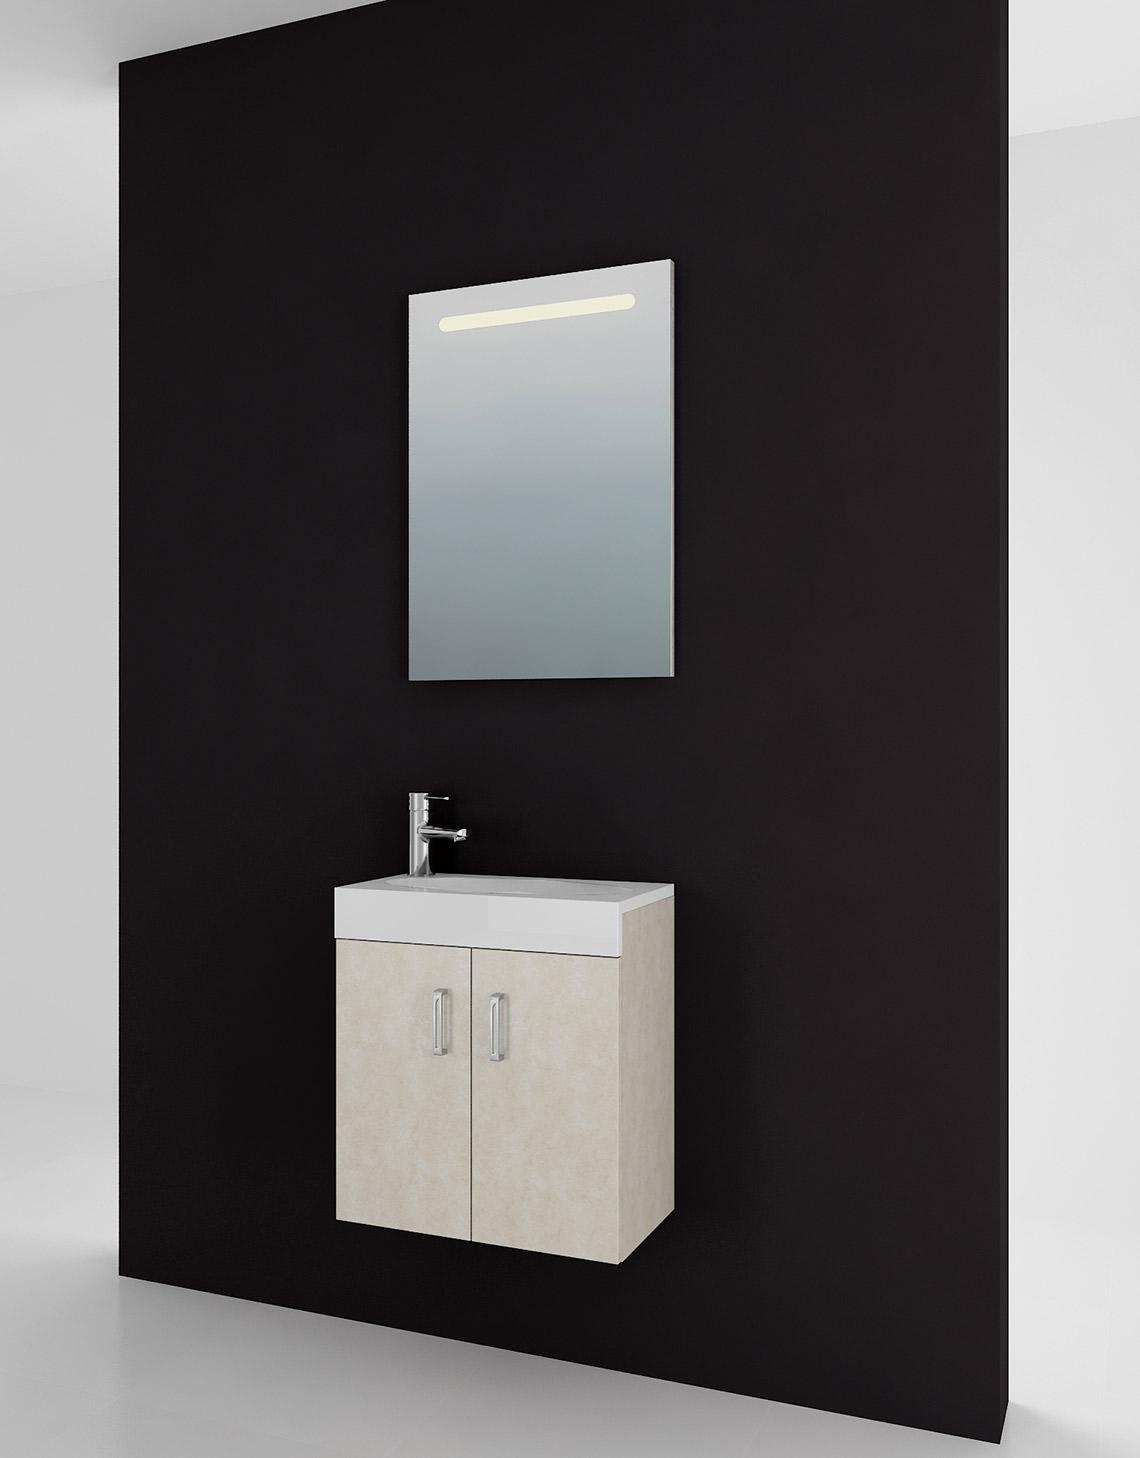 icaro-mueble-baño-fabricante-cuarto-baño-viberco-6 | Viberco